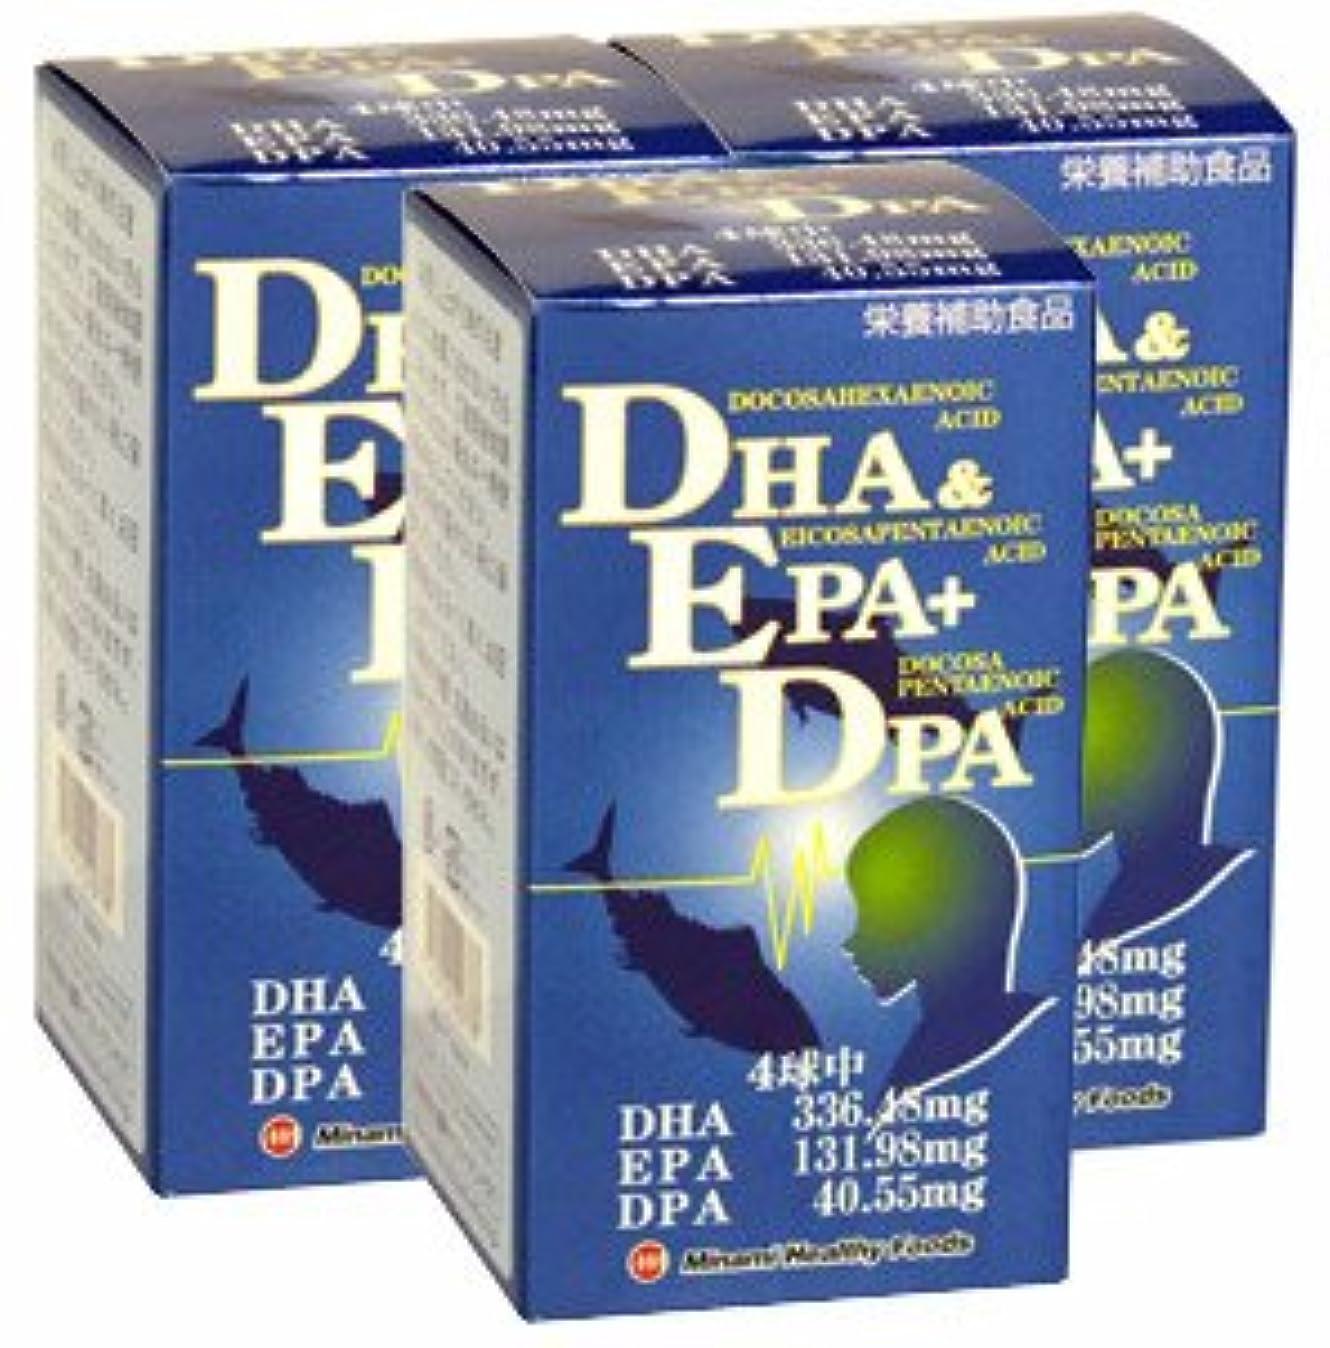 優れたよろめくプーノDHA&EPA+DPA【3本セット】ミナミヘルシーフーズ